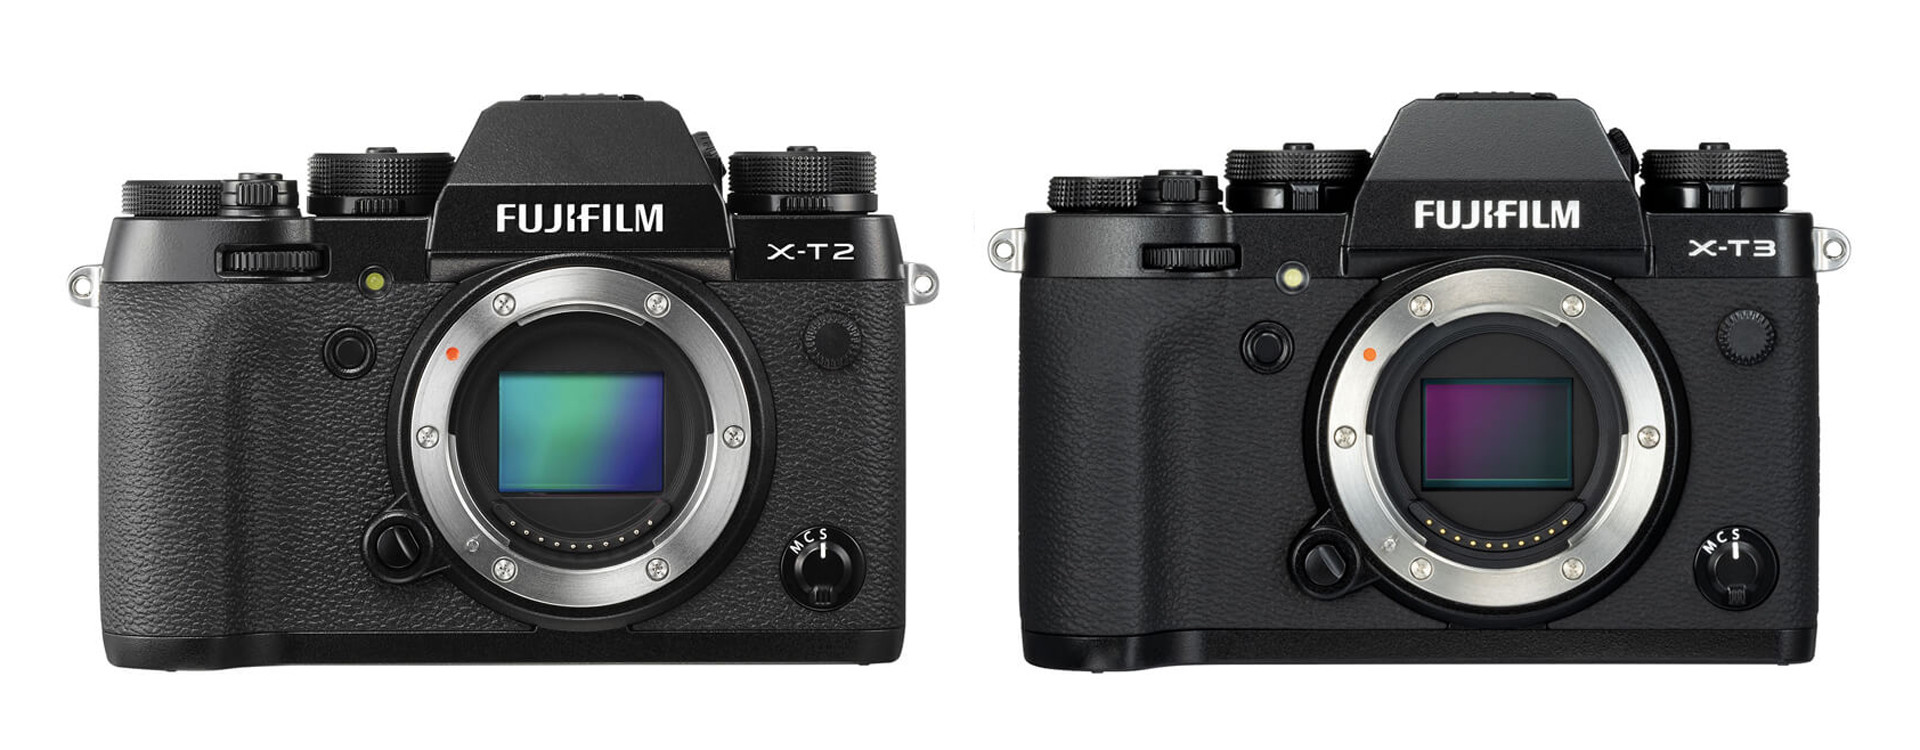 Fujifilm X-T3 vs X-H1 vs X-T2 – co odróżnia go od poprzednich aparatów marki?